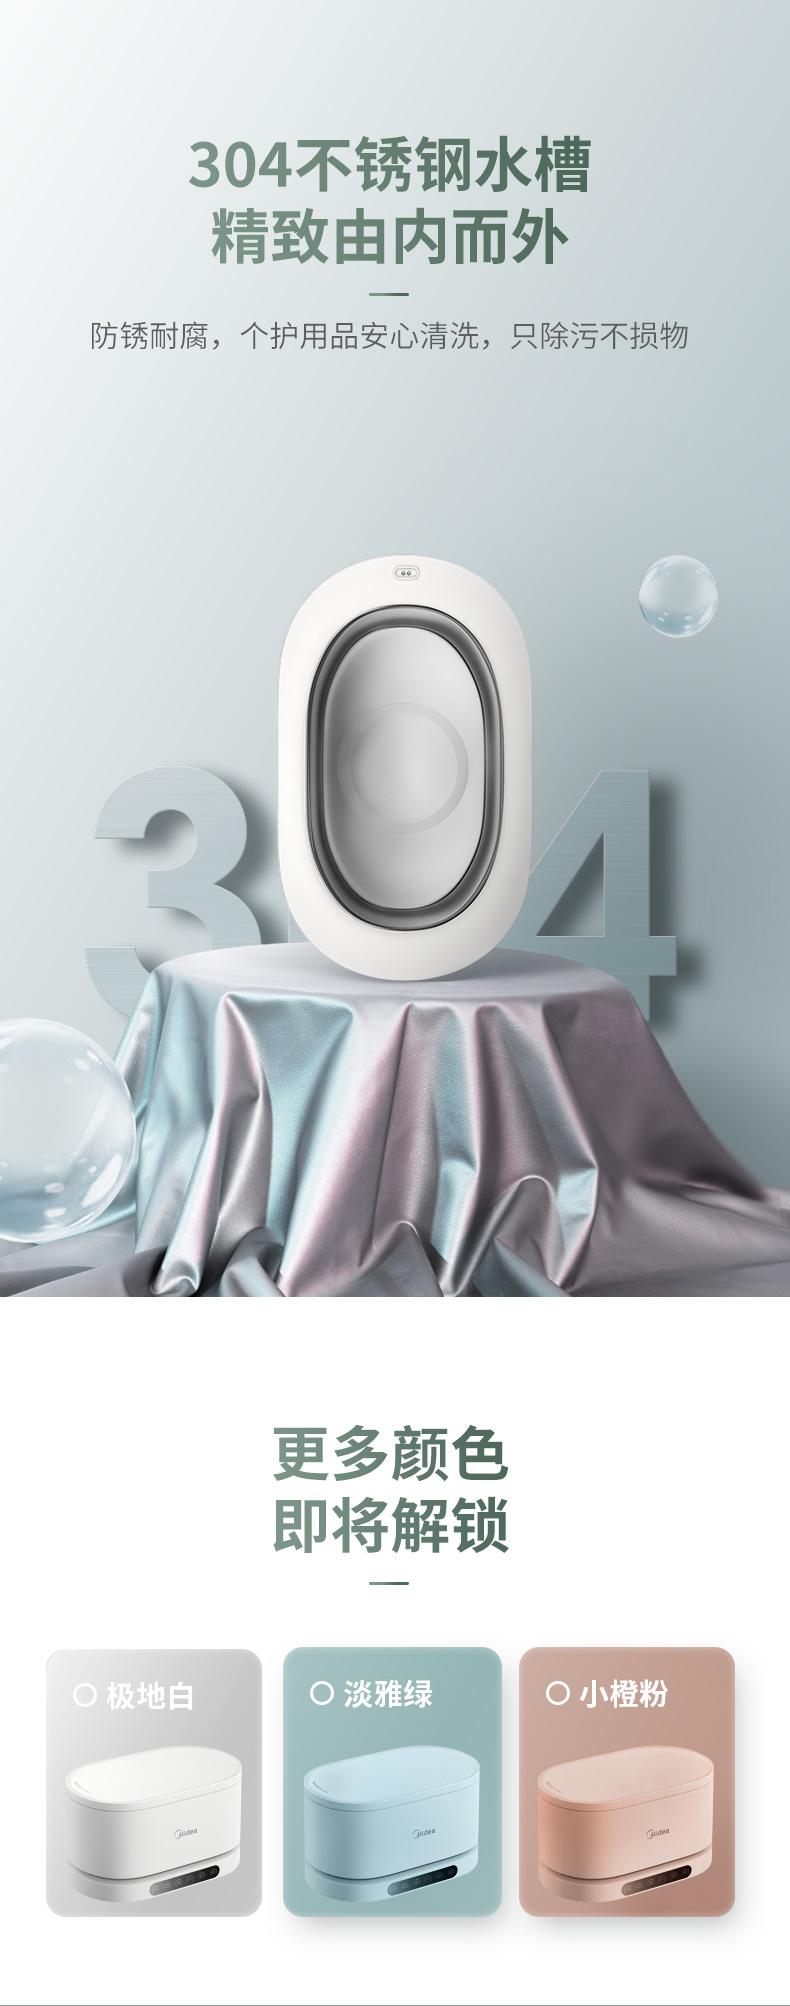 美的 家用超声波清洗机 紫外线消毒器 图14